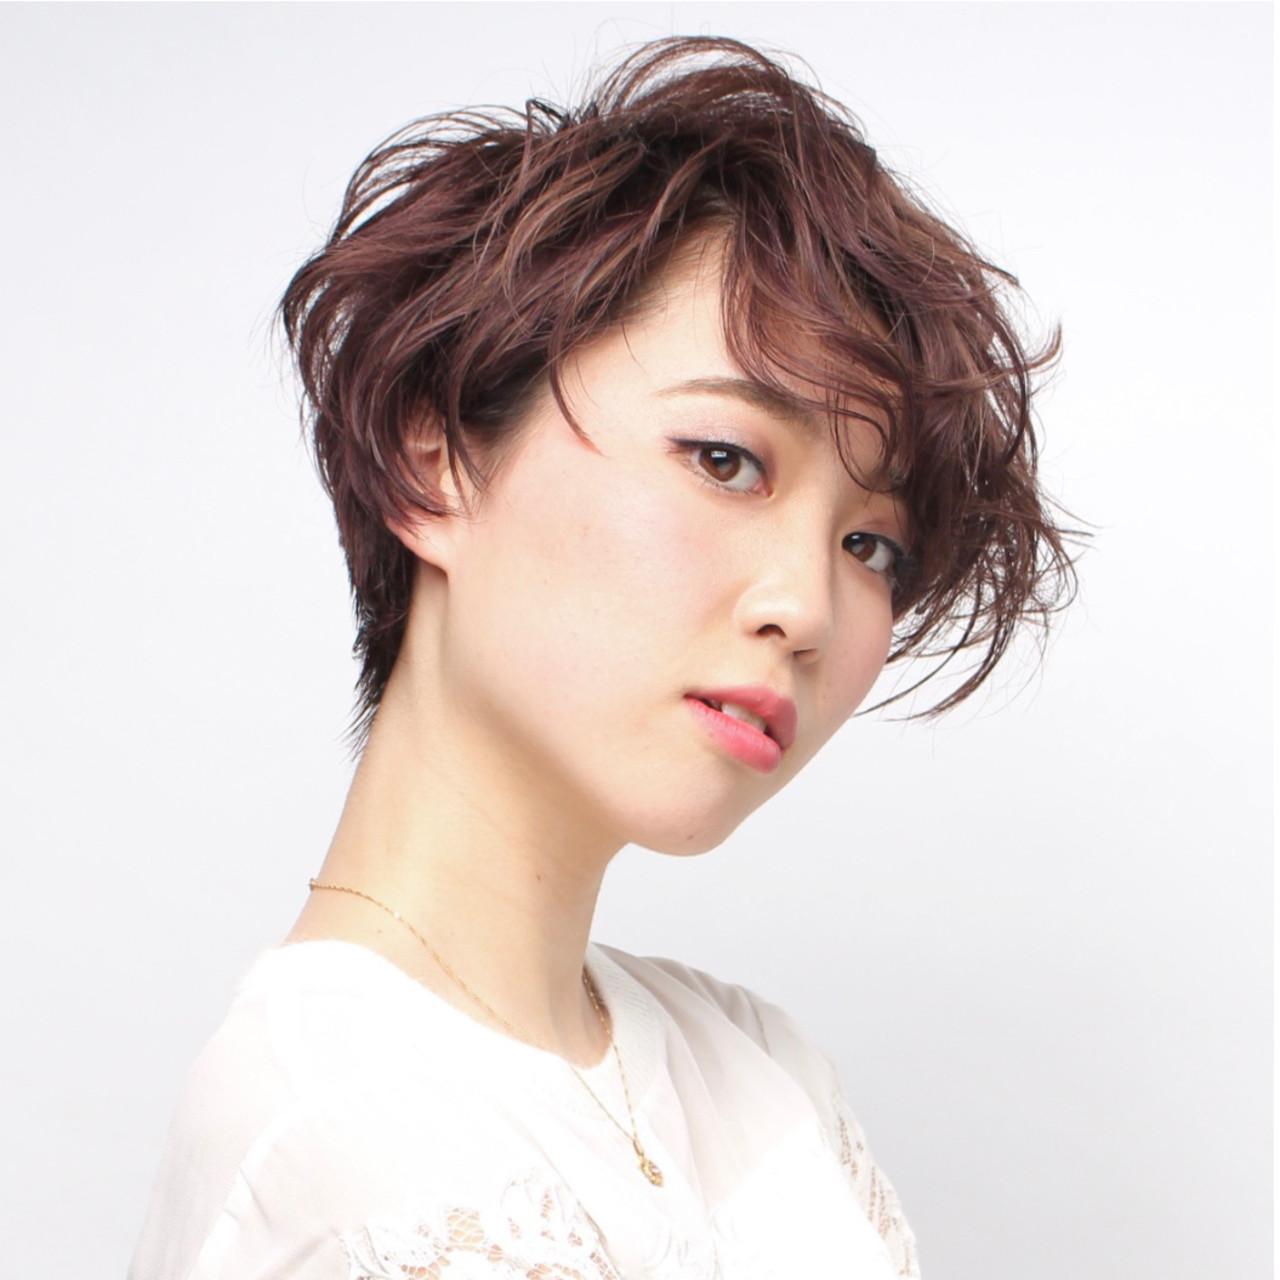 ナチュラル ショートボブ 刈り上げ 横顔美人 ヘアスタイルや髪型の写真・画像 | 石井優弥 / 『 PEEK-A-BOO原宿 』